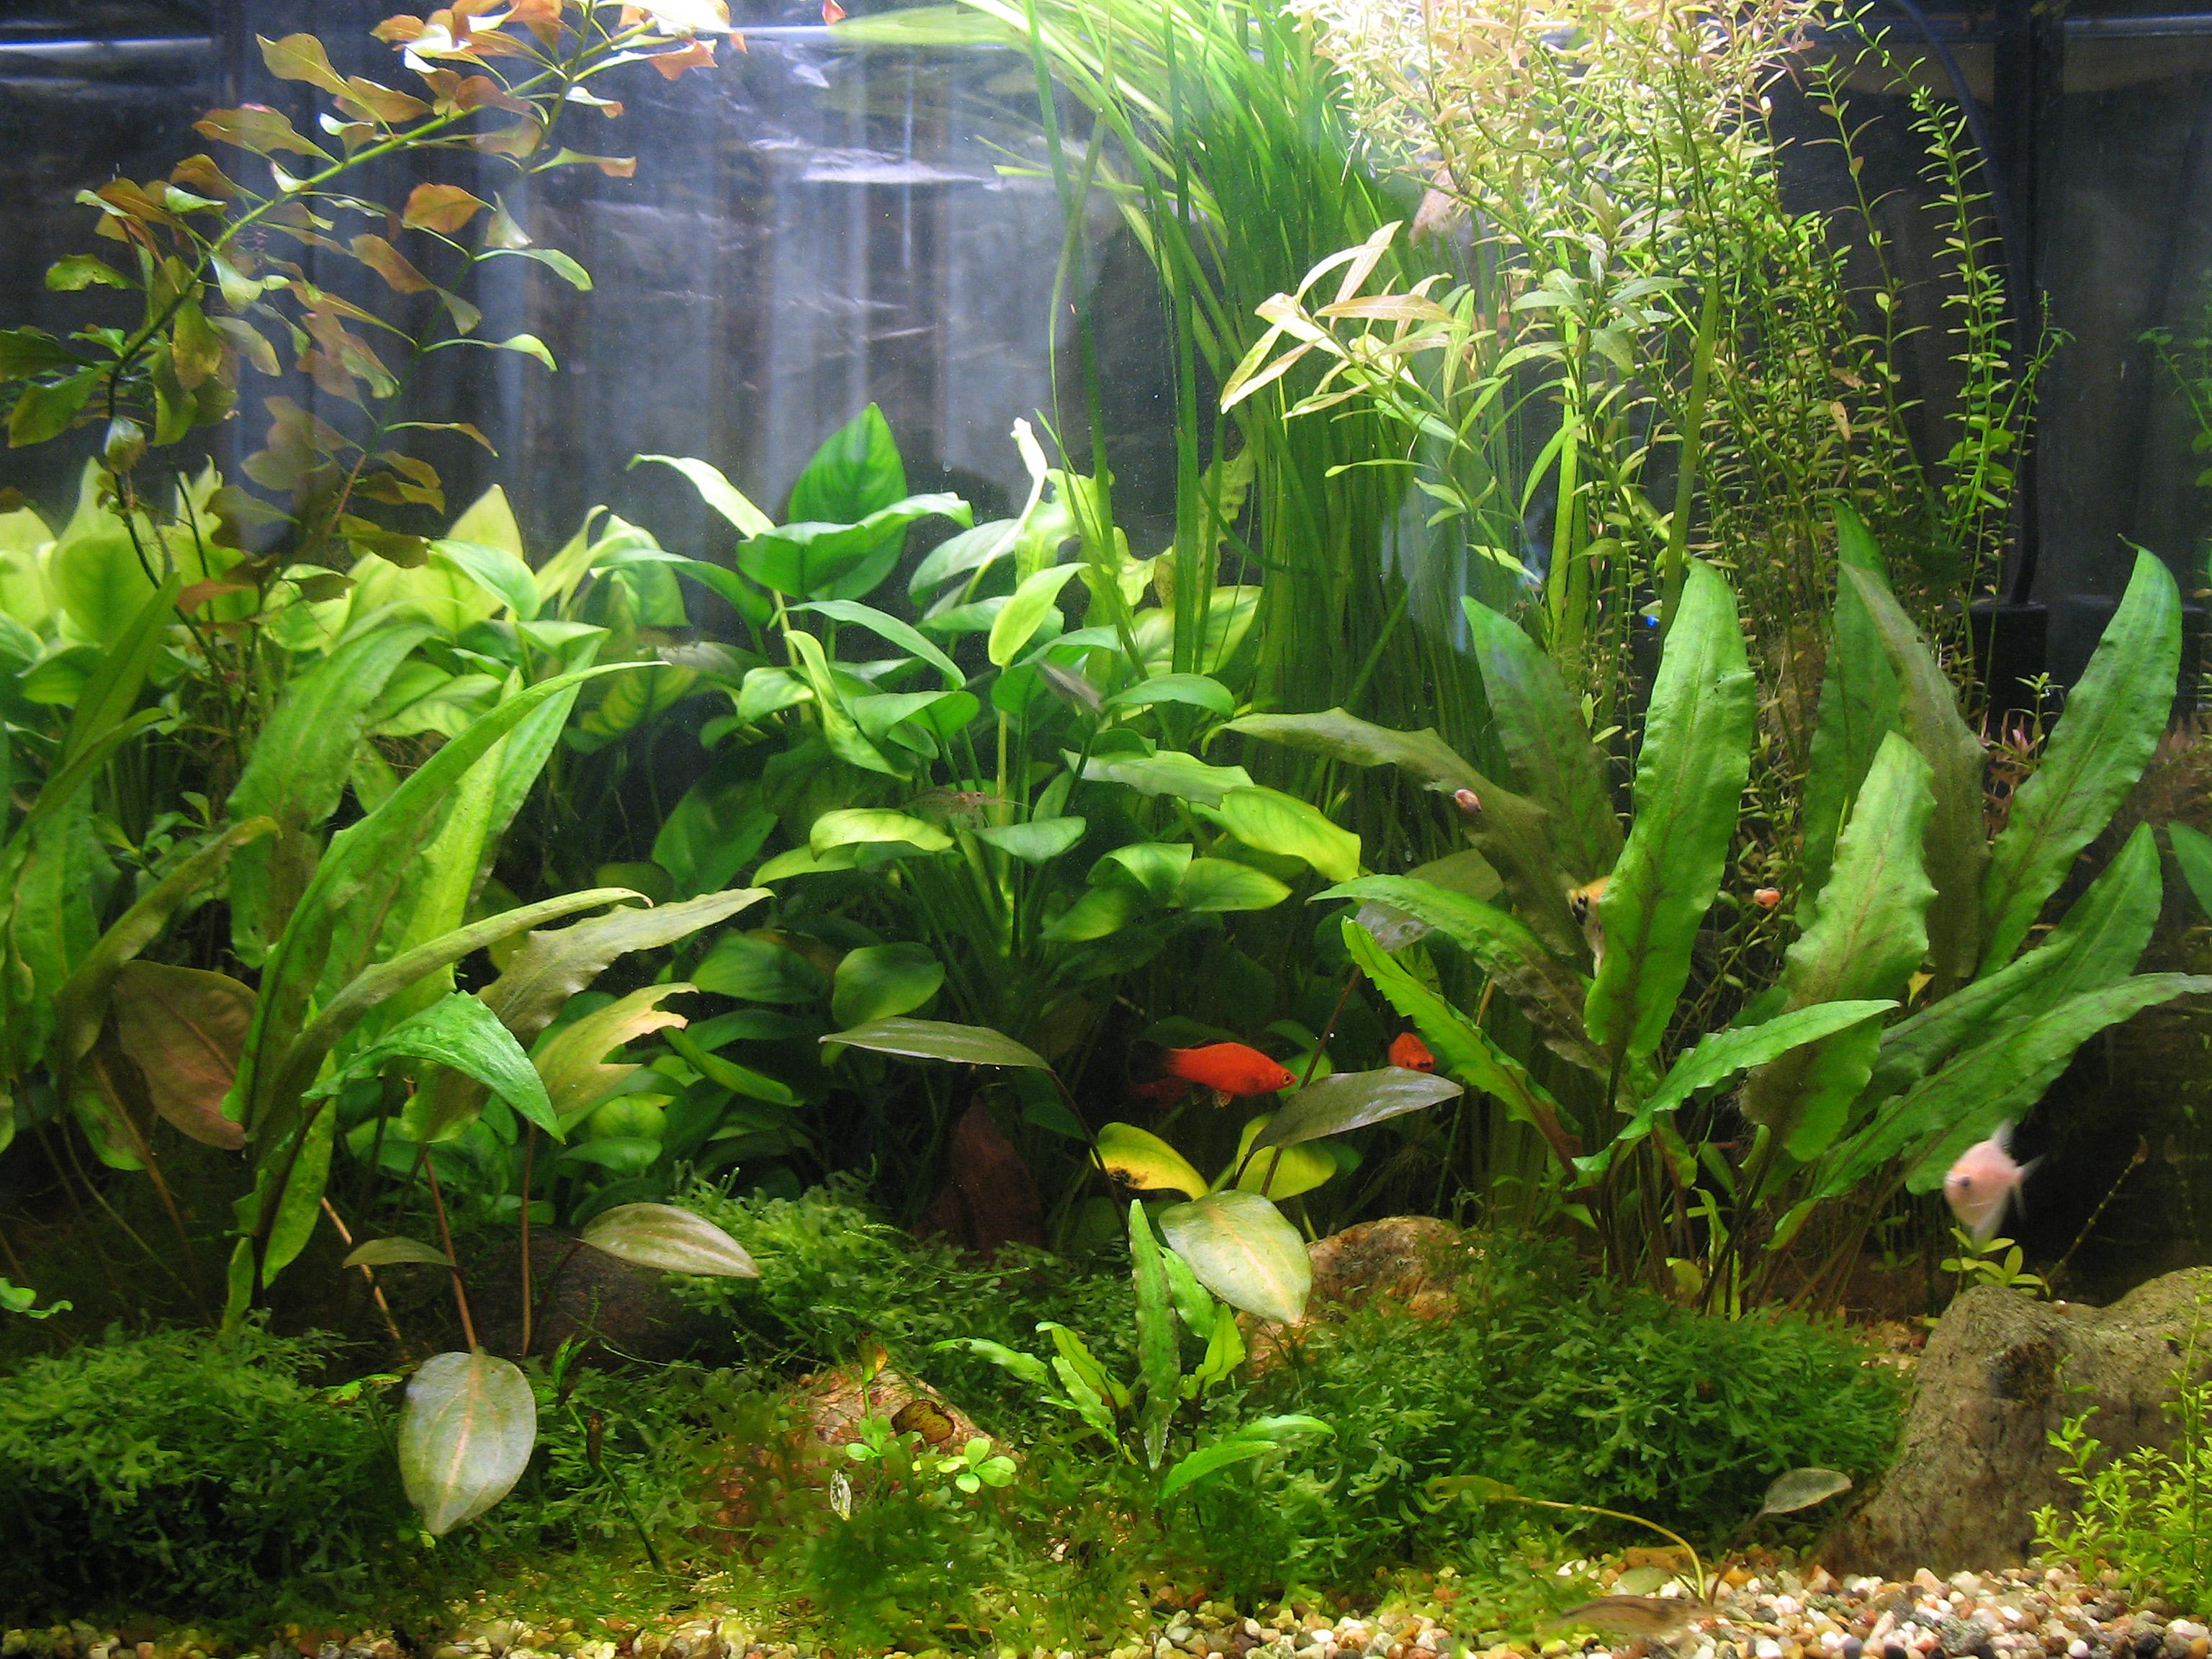 Какие растения можно посадить в аквариум - описание с фото 51